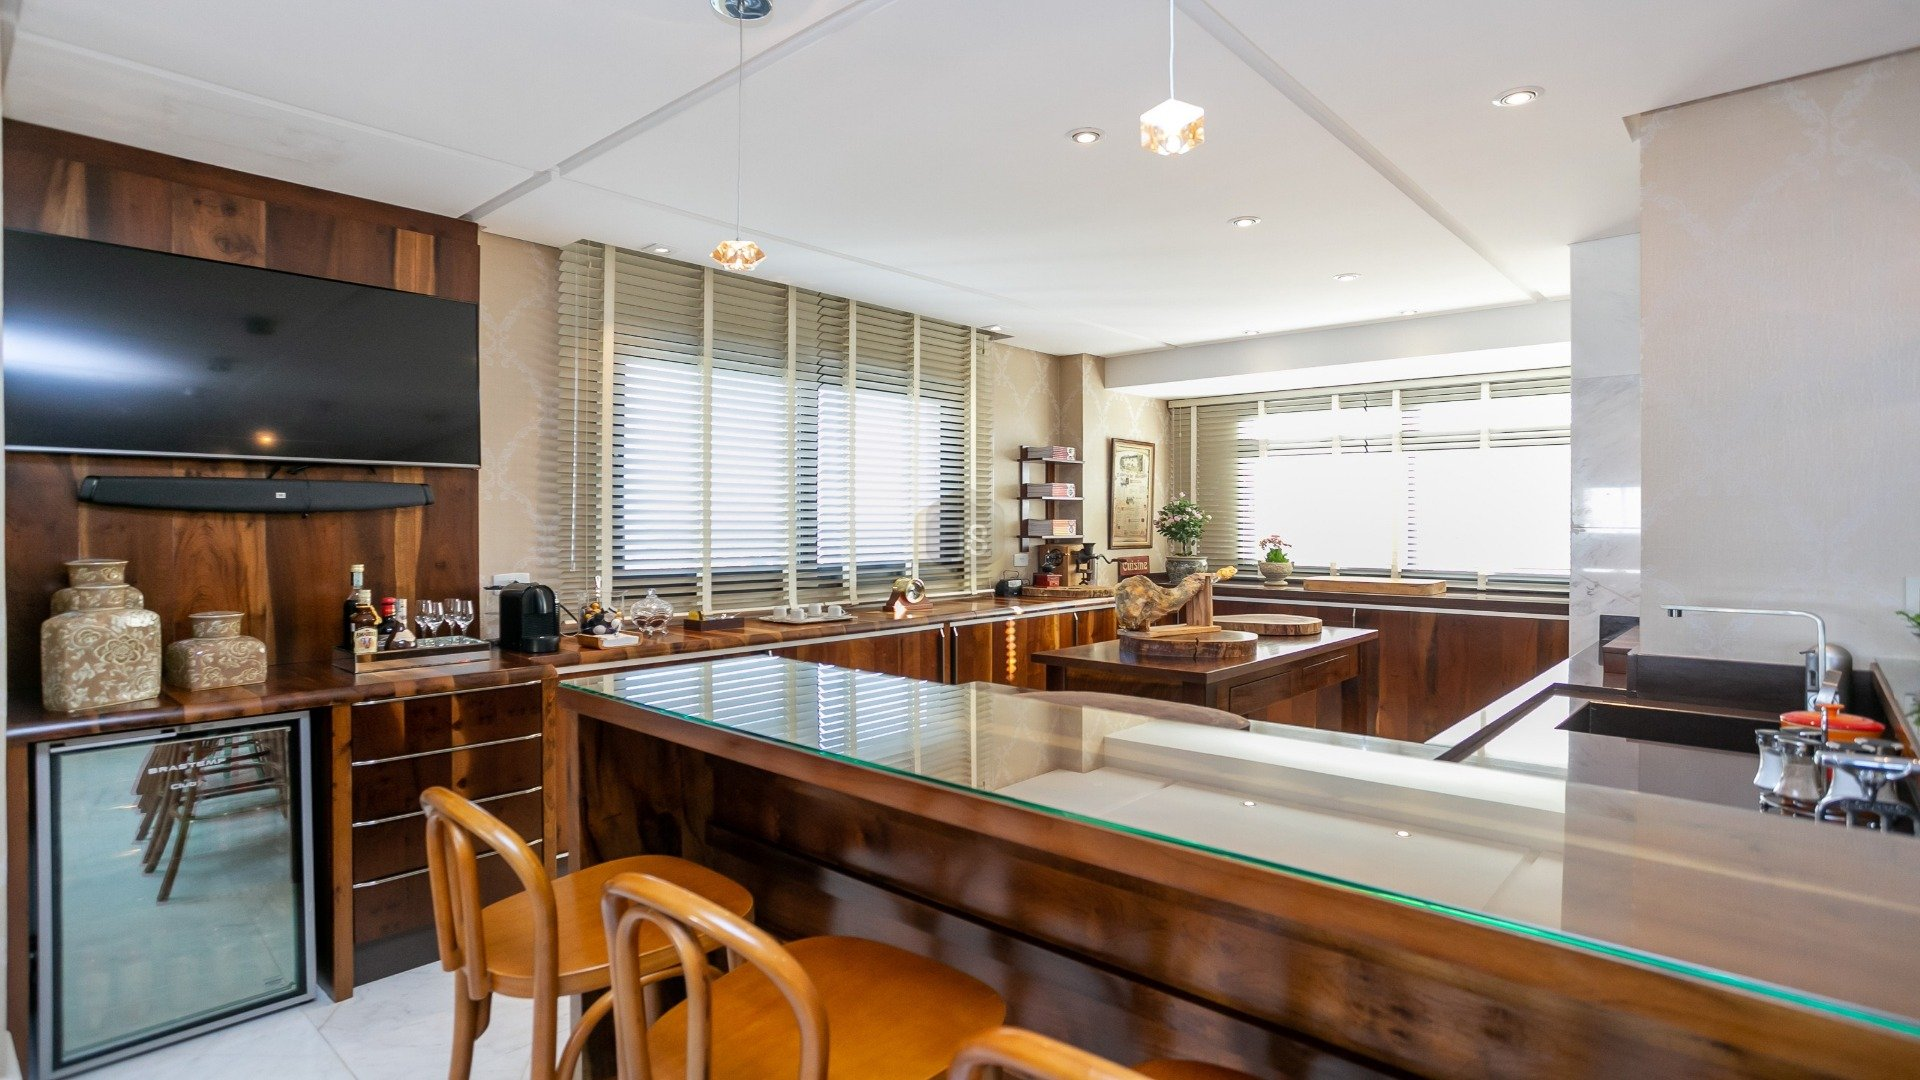 Foto de destaque Apartamento maravilhoso com vista para o parque barigui!